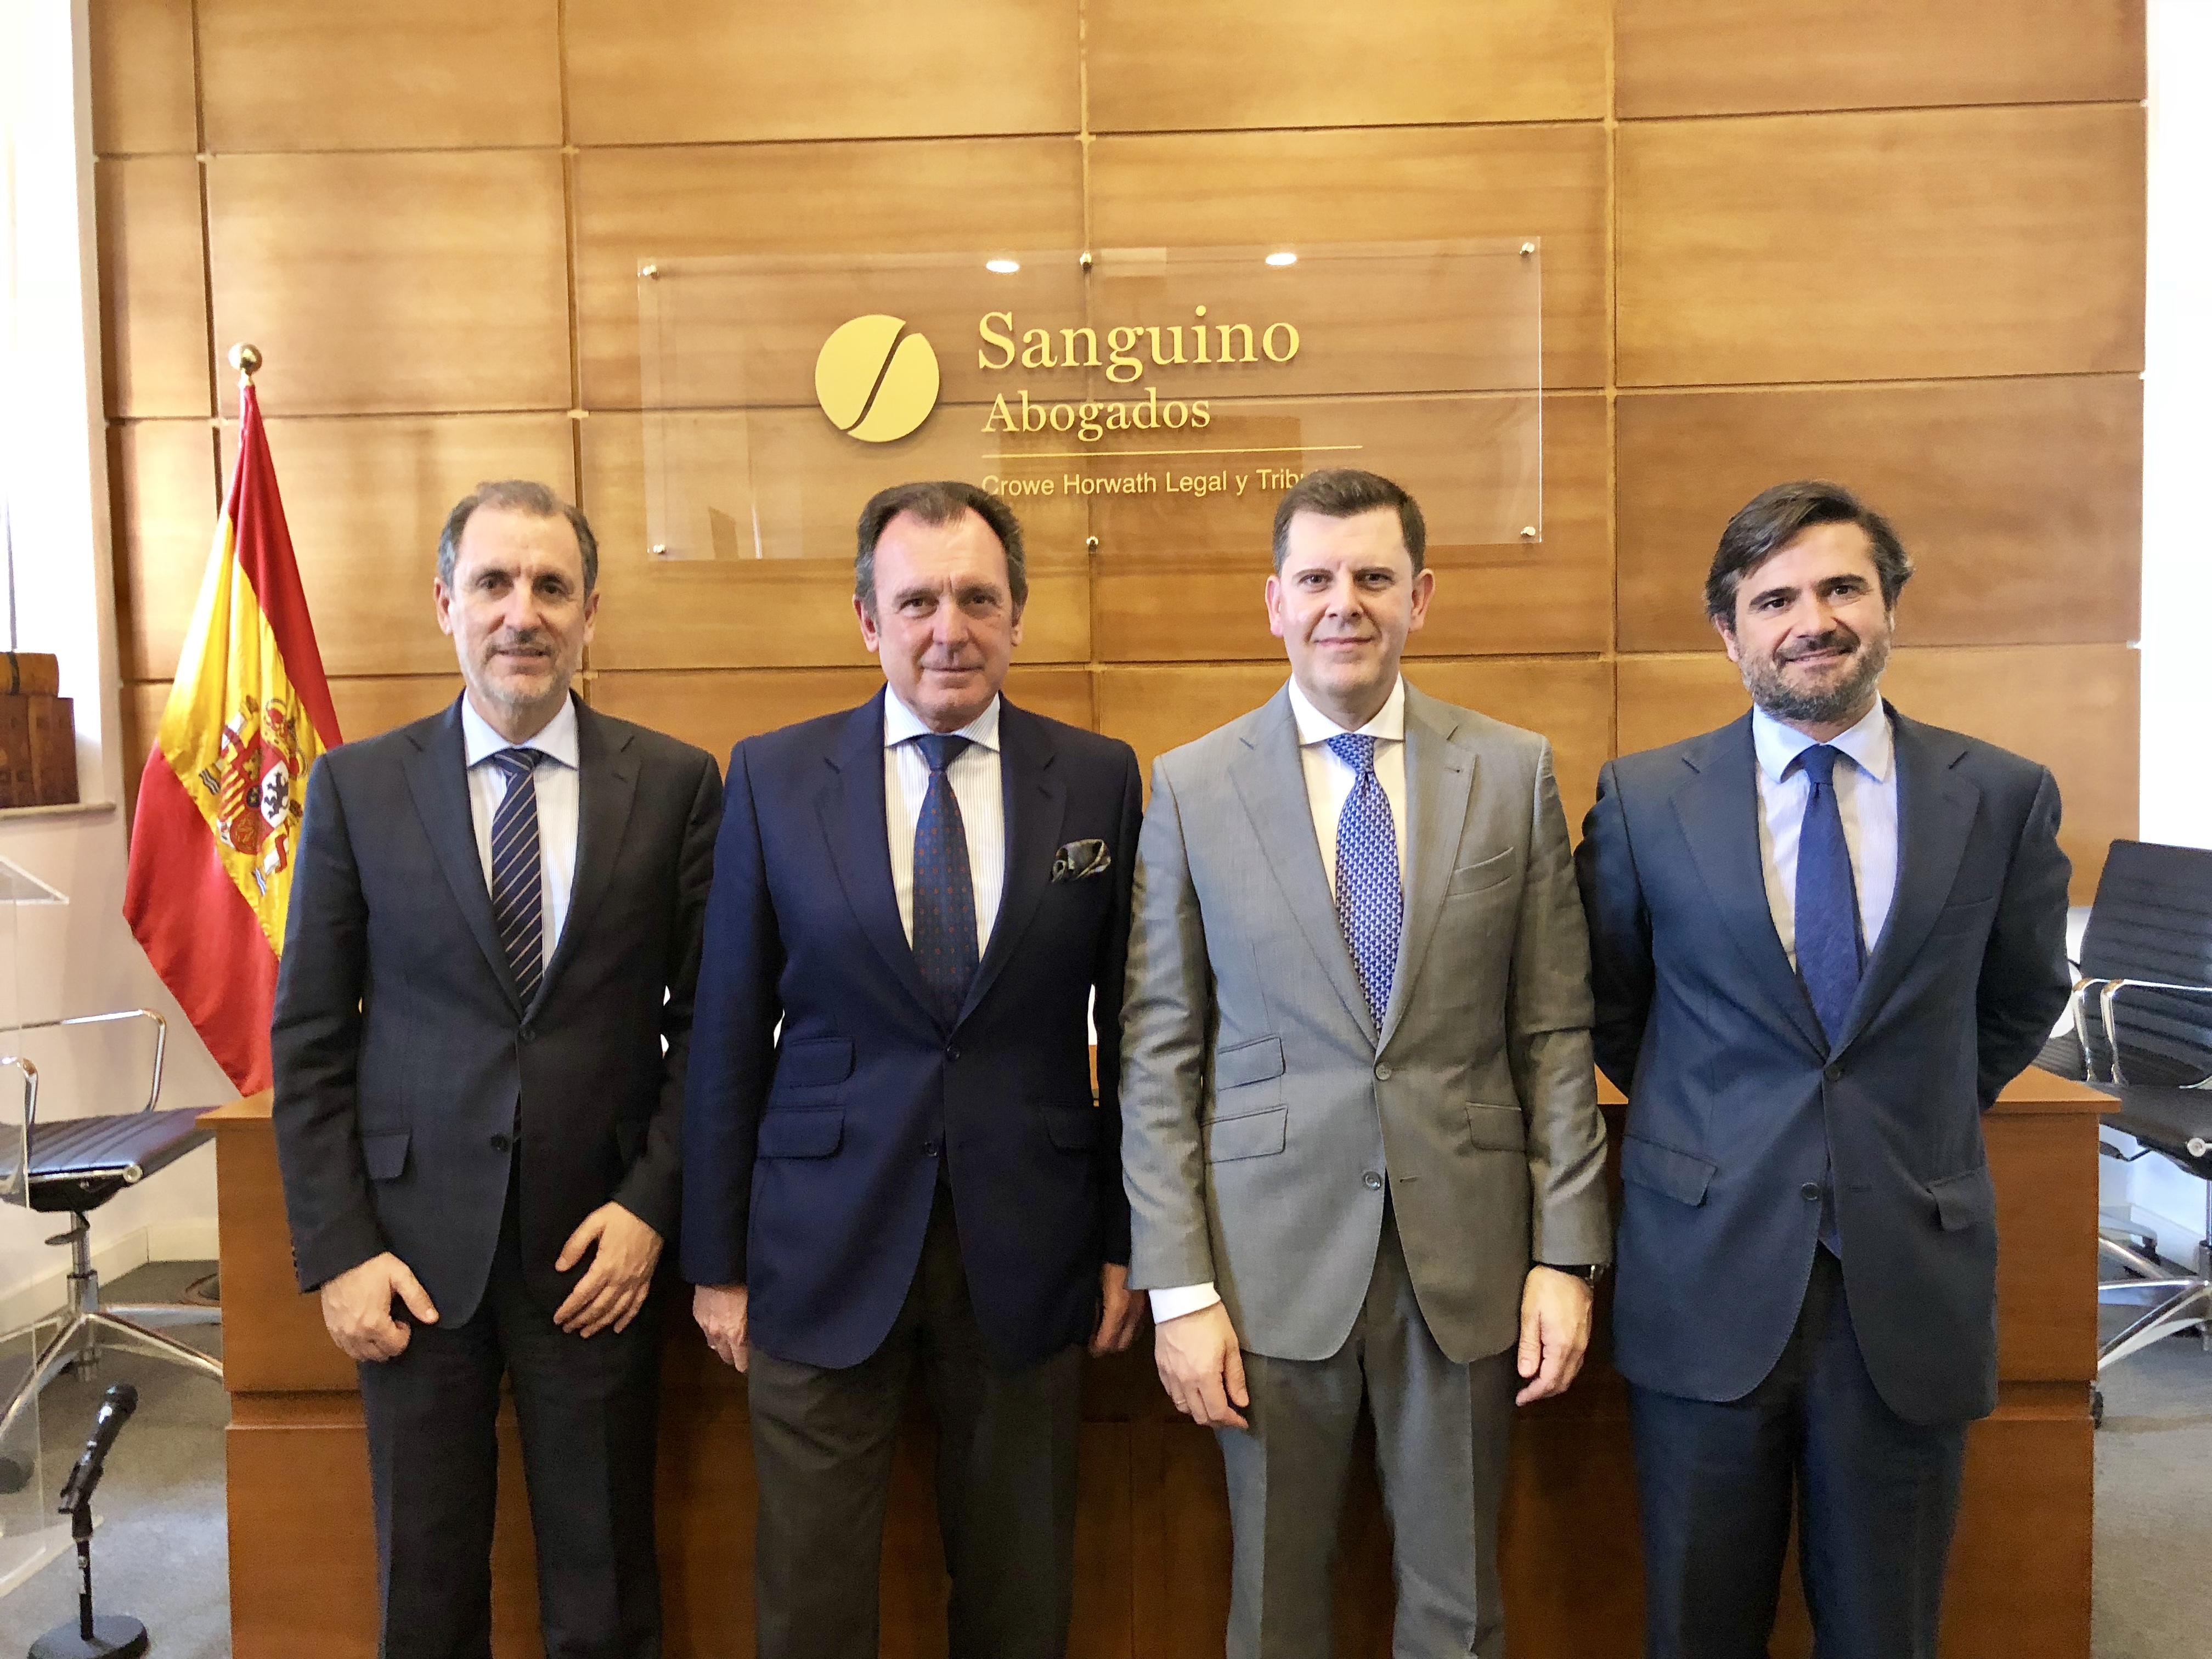 Sanguino Abogados y Renta 4 Banco prestarán de forma conjunta servicios de asesoramiento e inversión